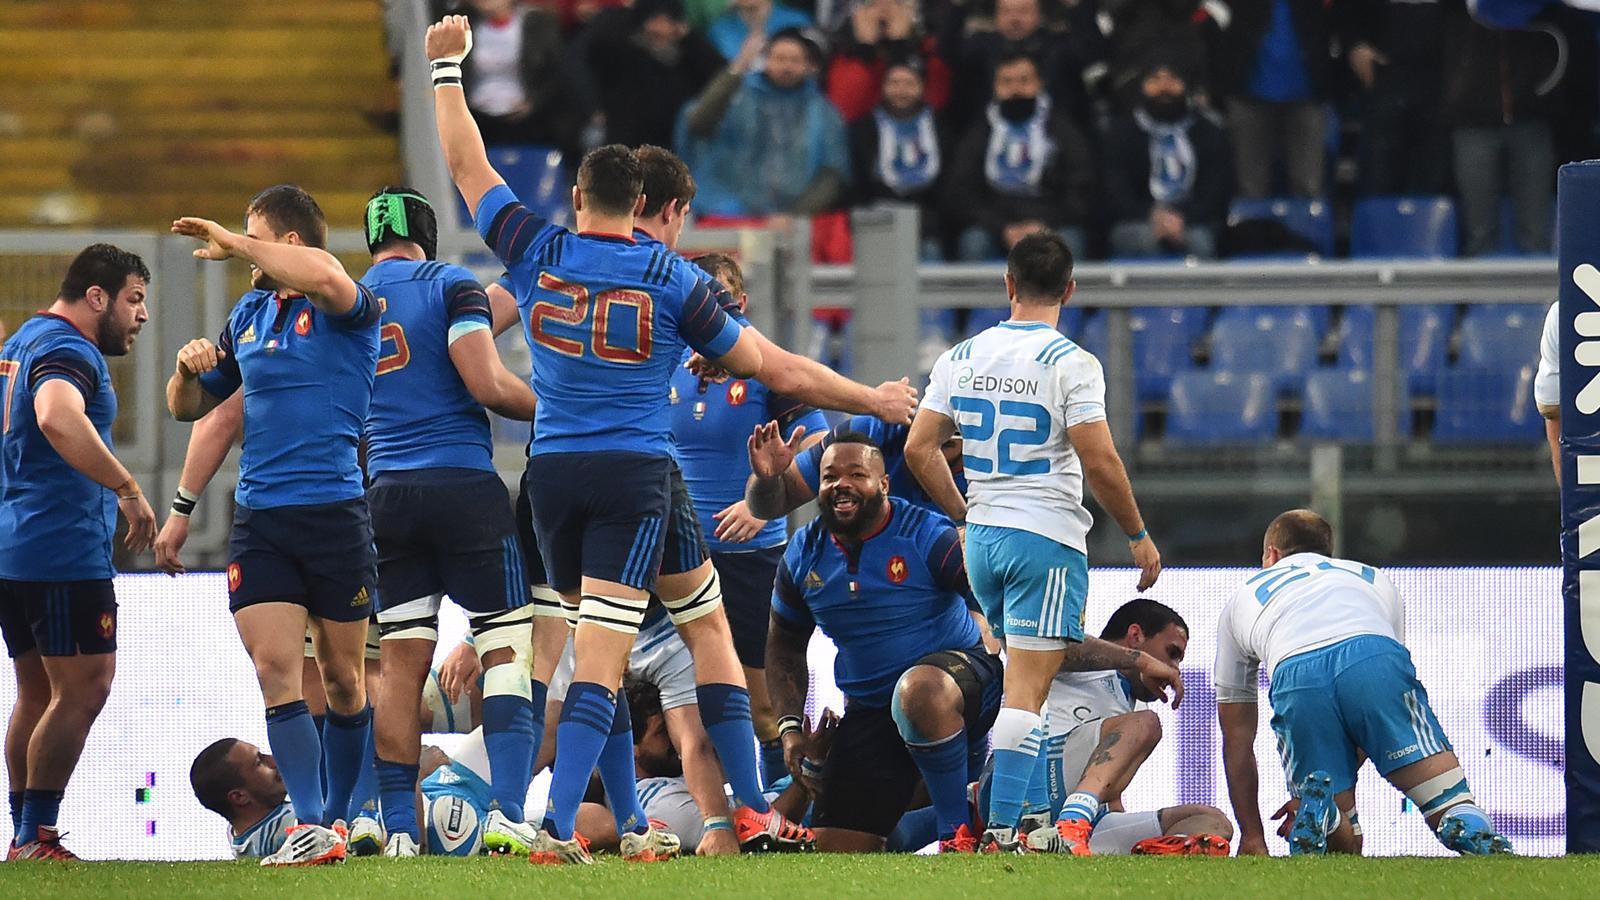 Coupe du monde 2015 france italie le match qui doit - Coupe de france rugby 2015 ...